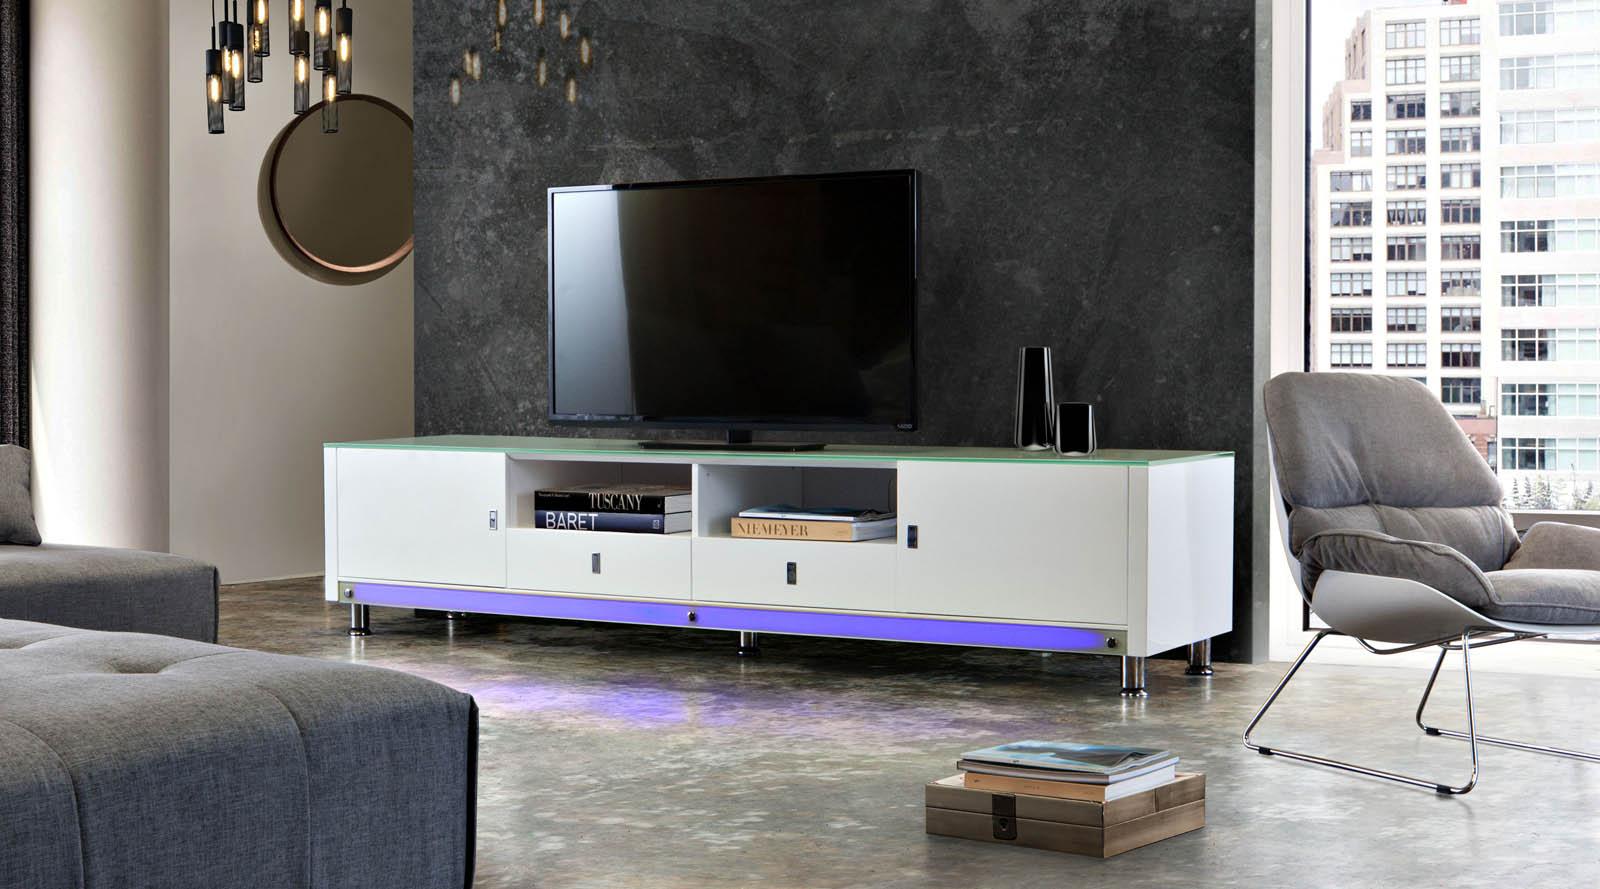 k99-white-light-violet.jpg